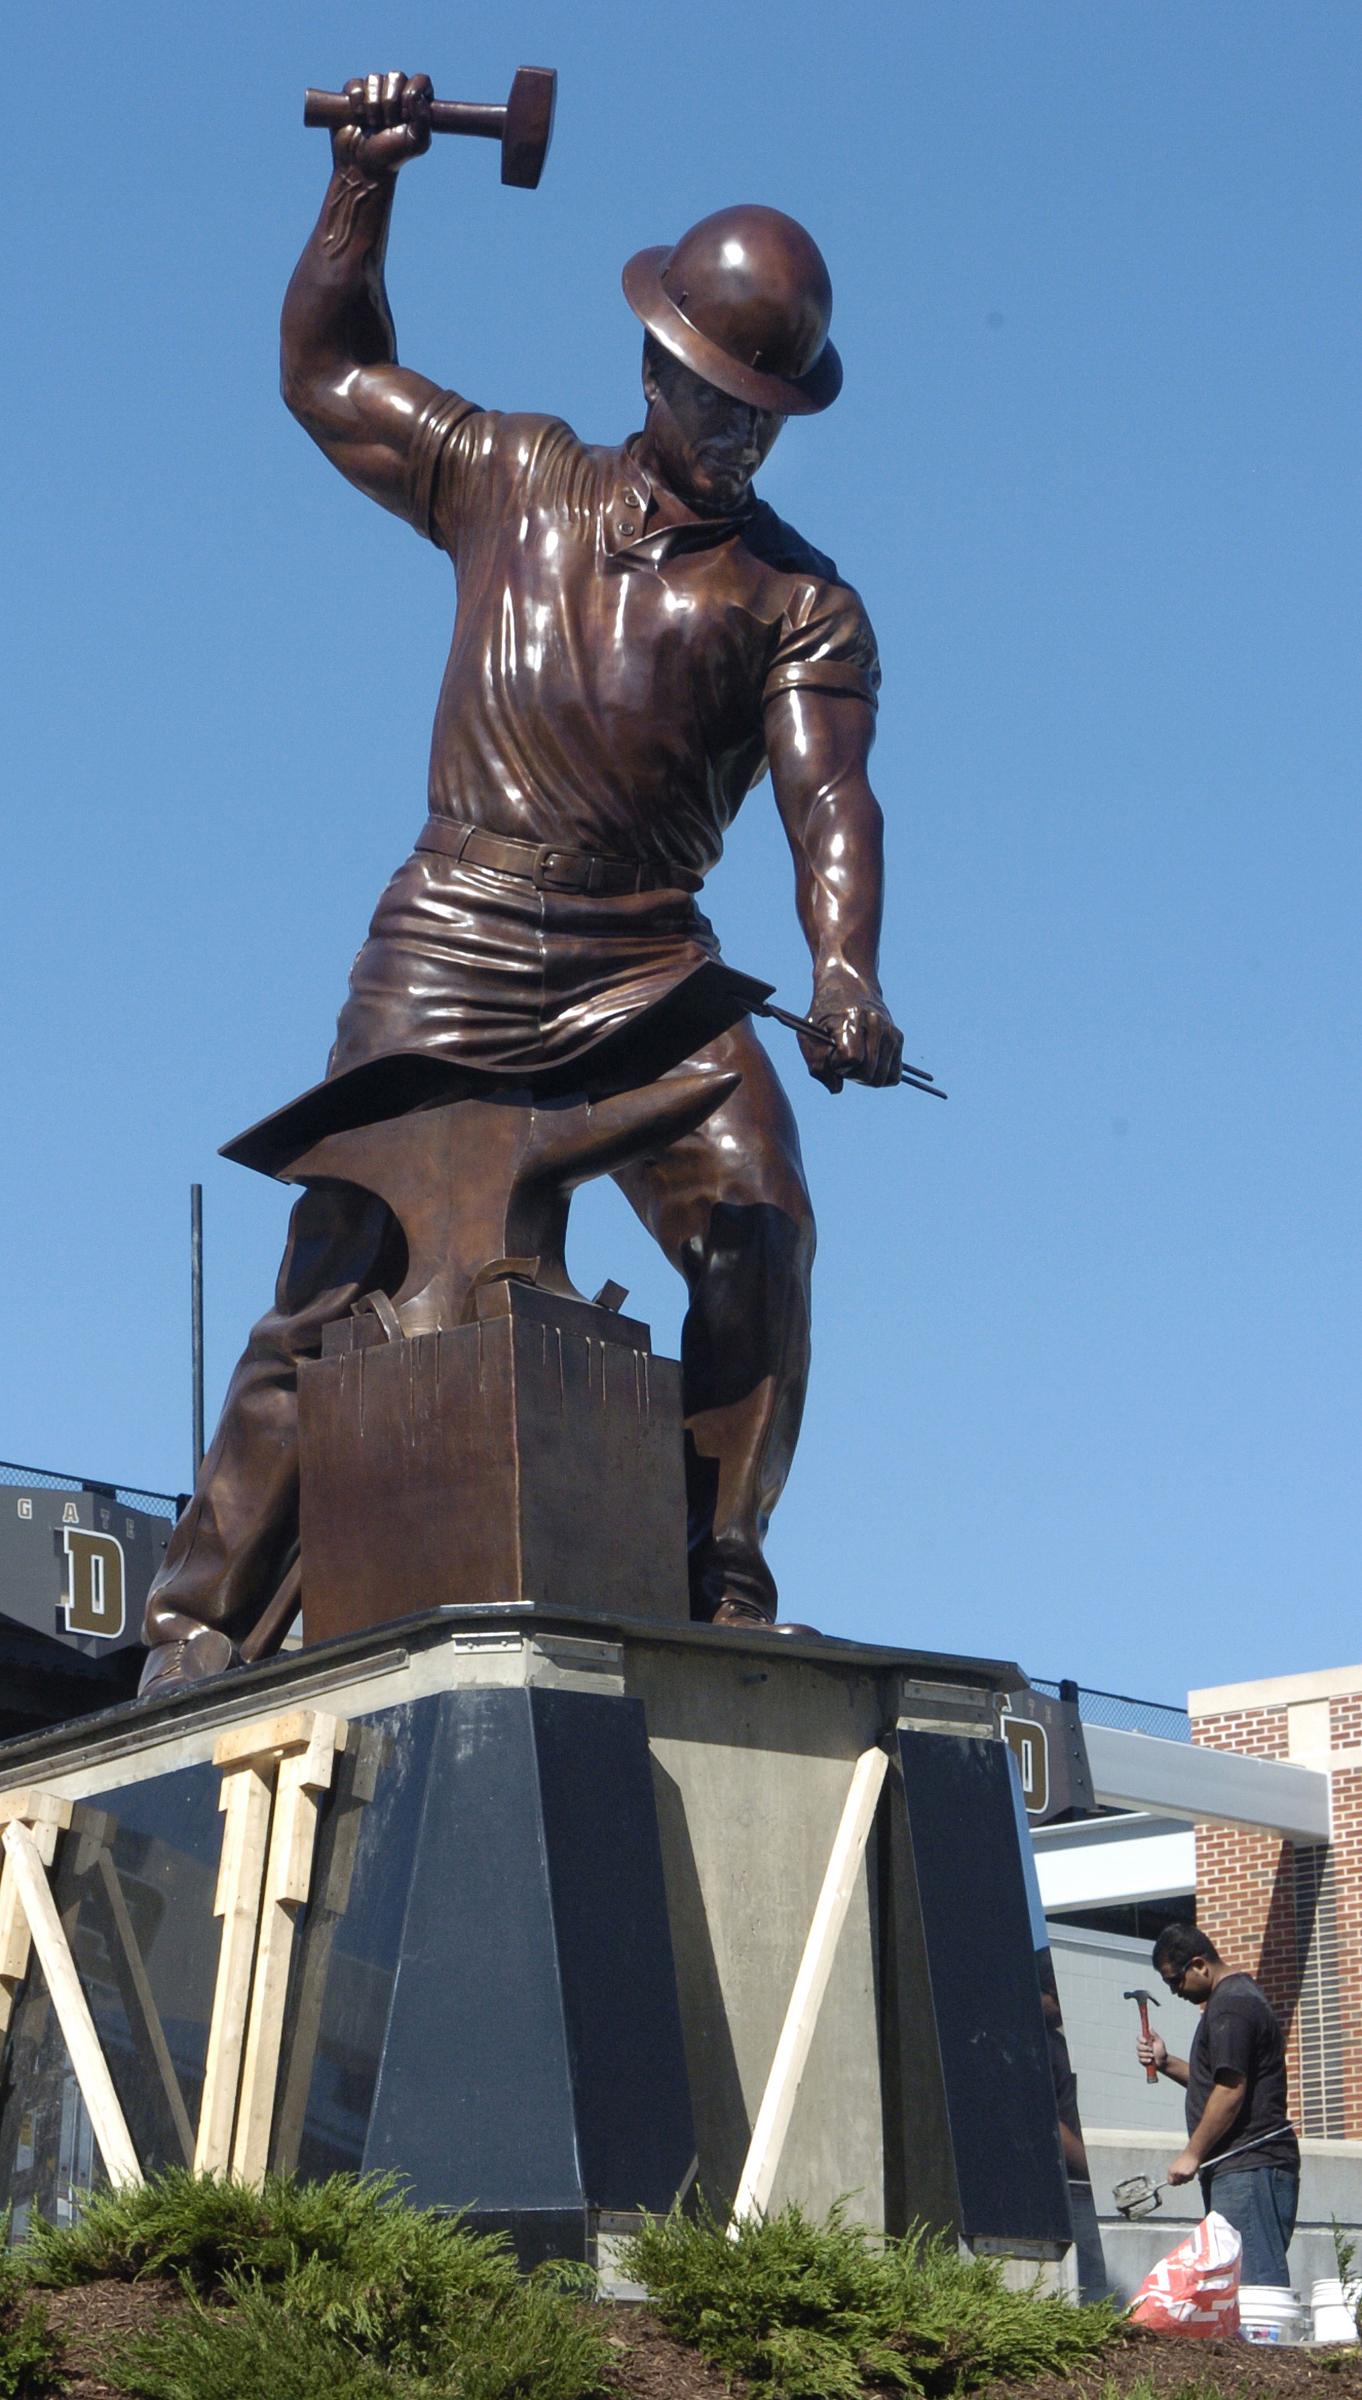 Purdue dedicates 'The Boilermaker' statue